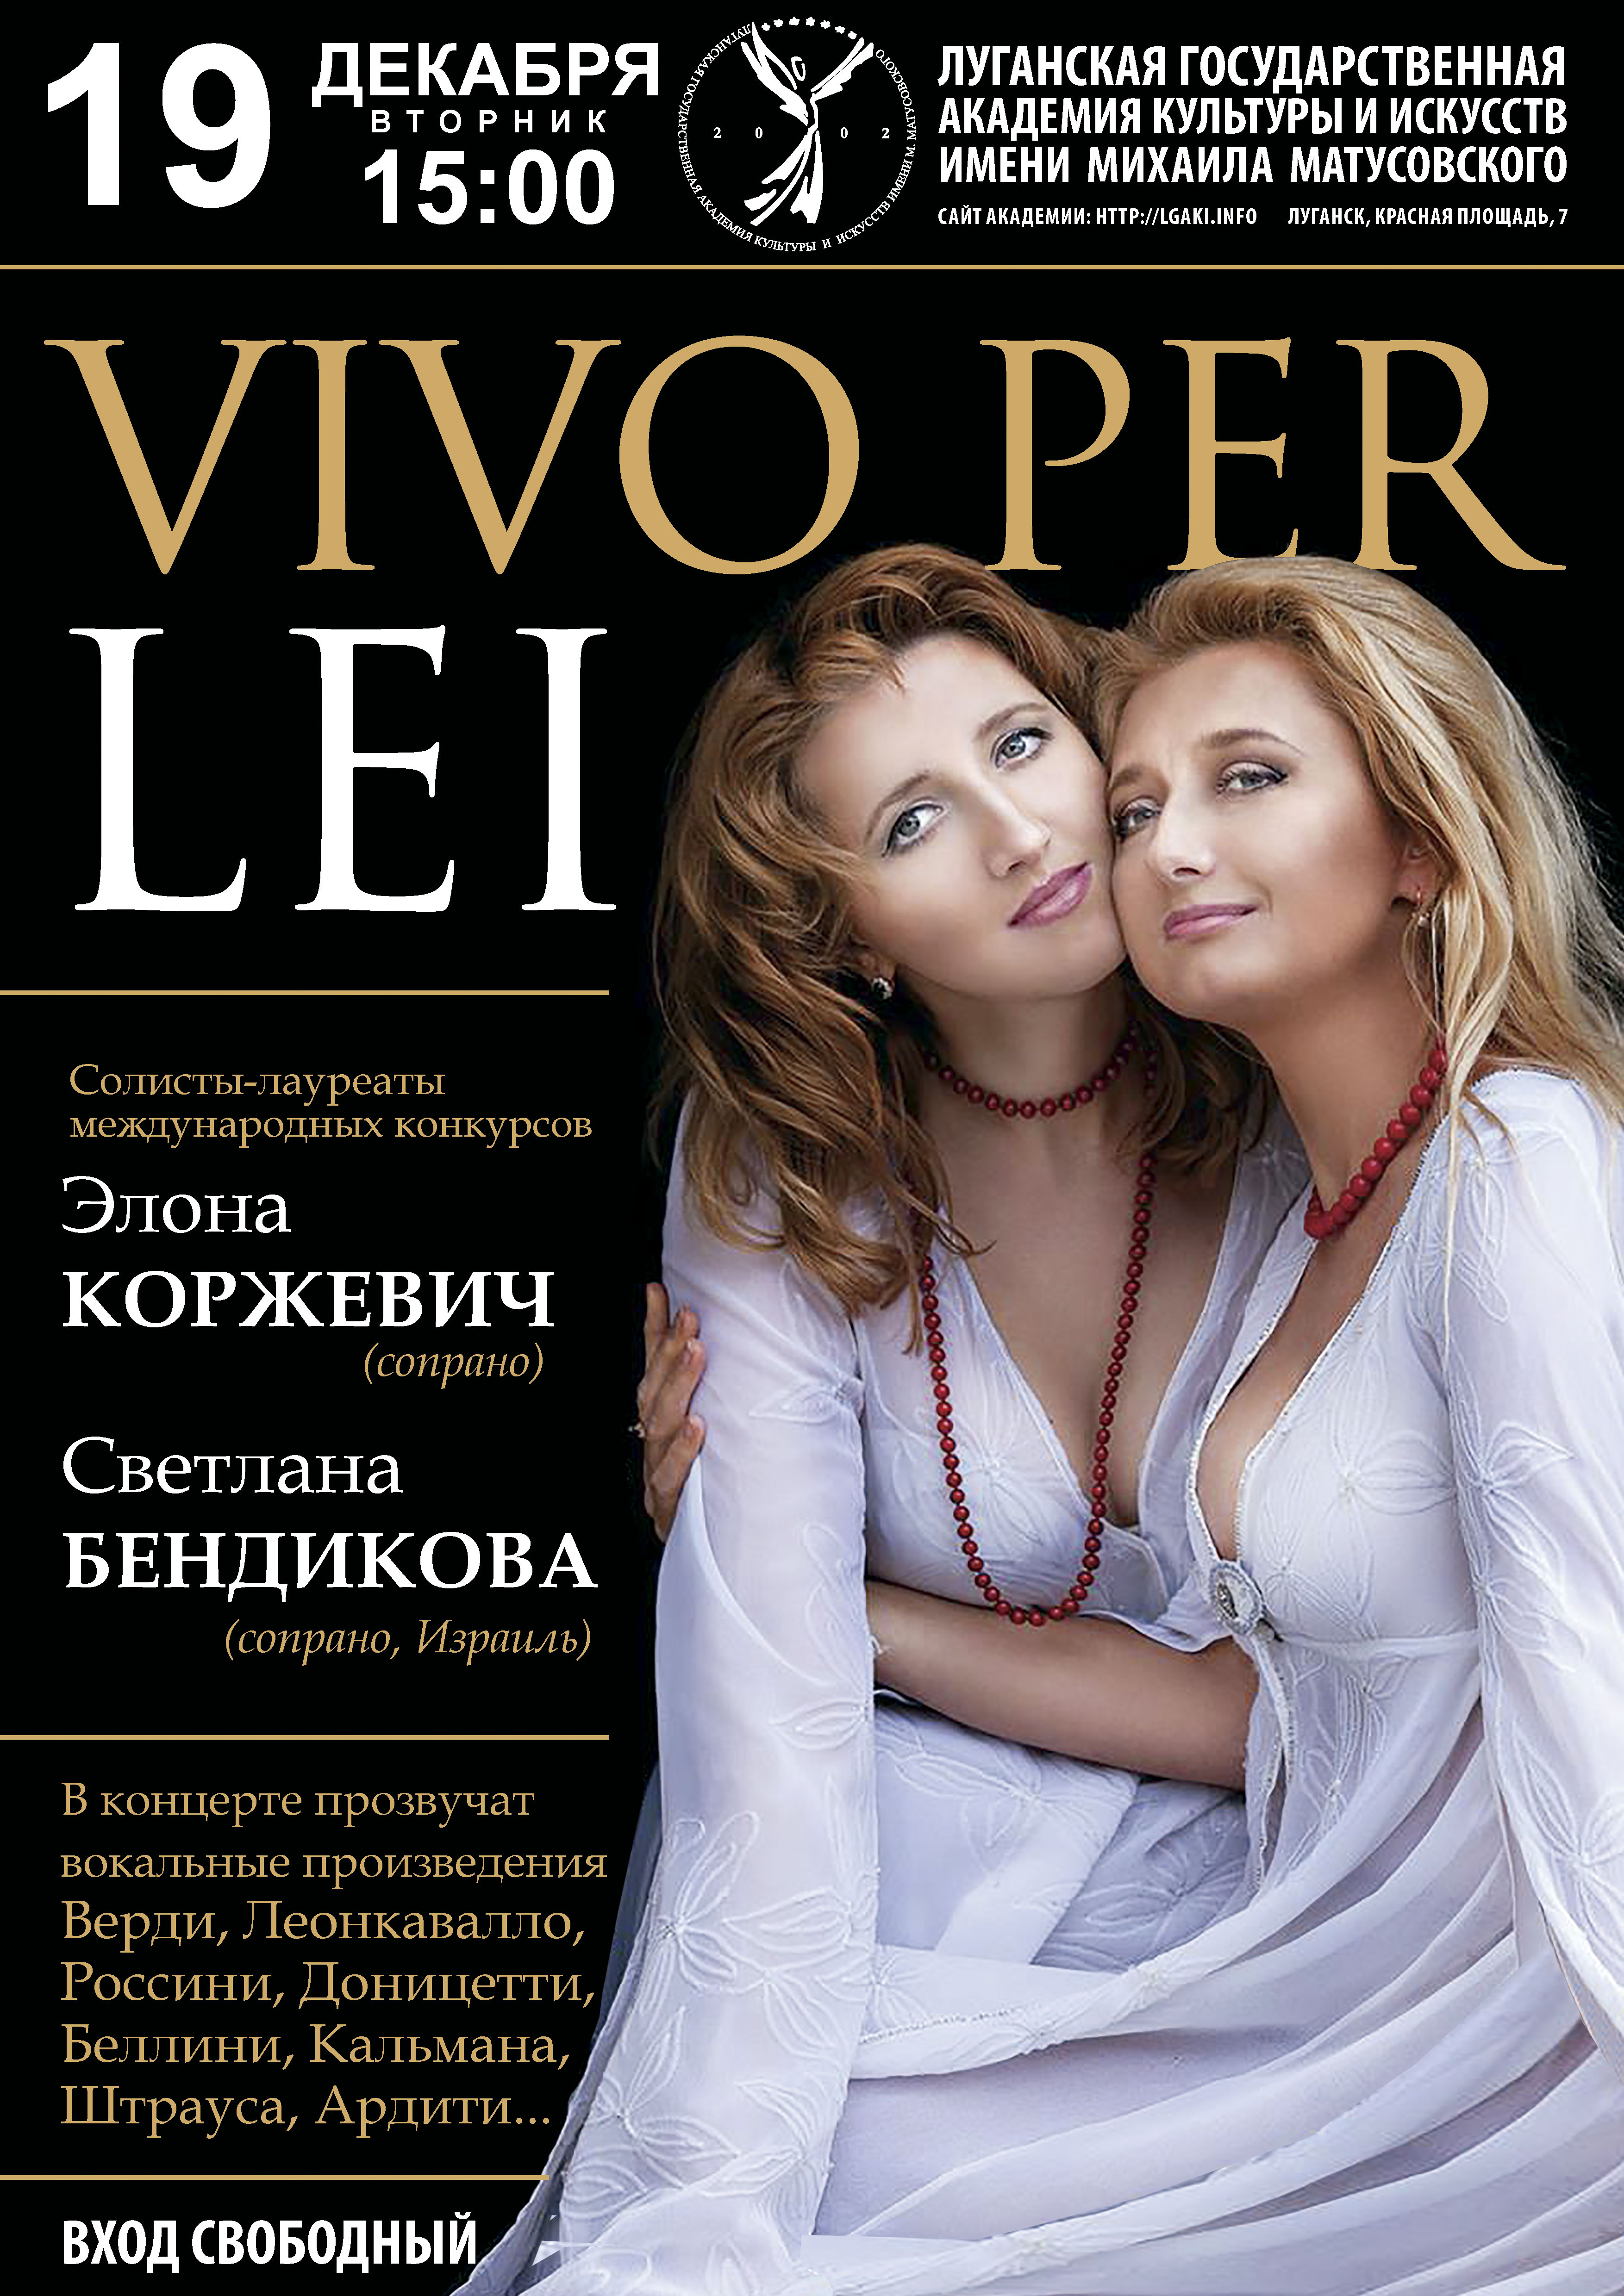 VIVO-PER-LEI-dlya-prosmotra